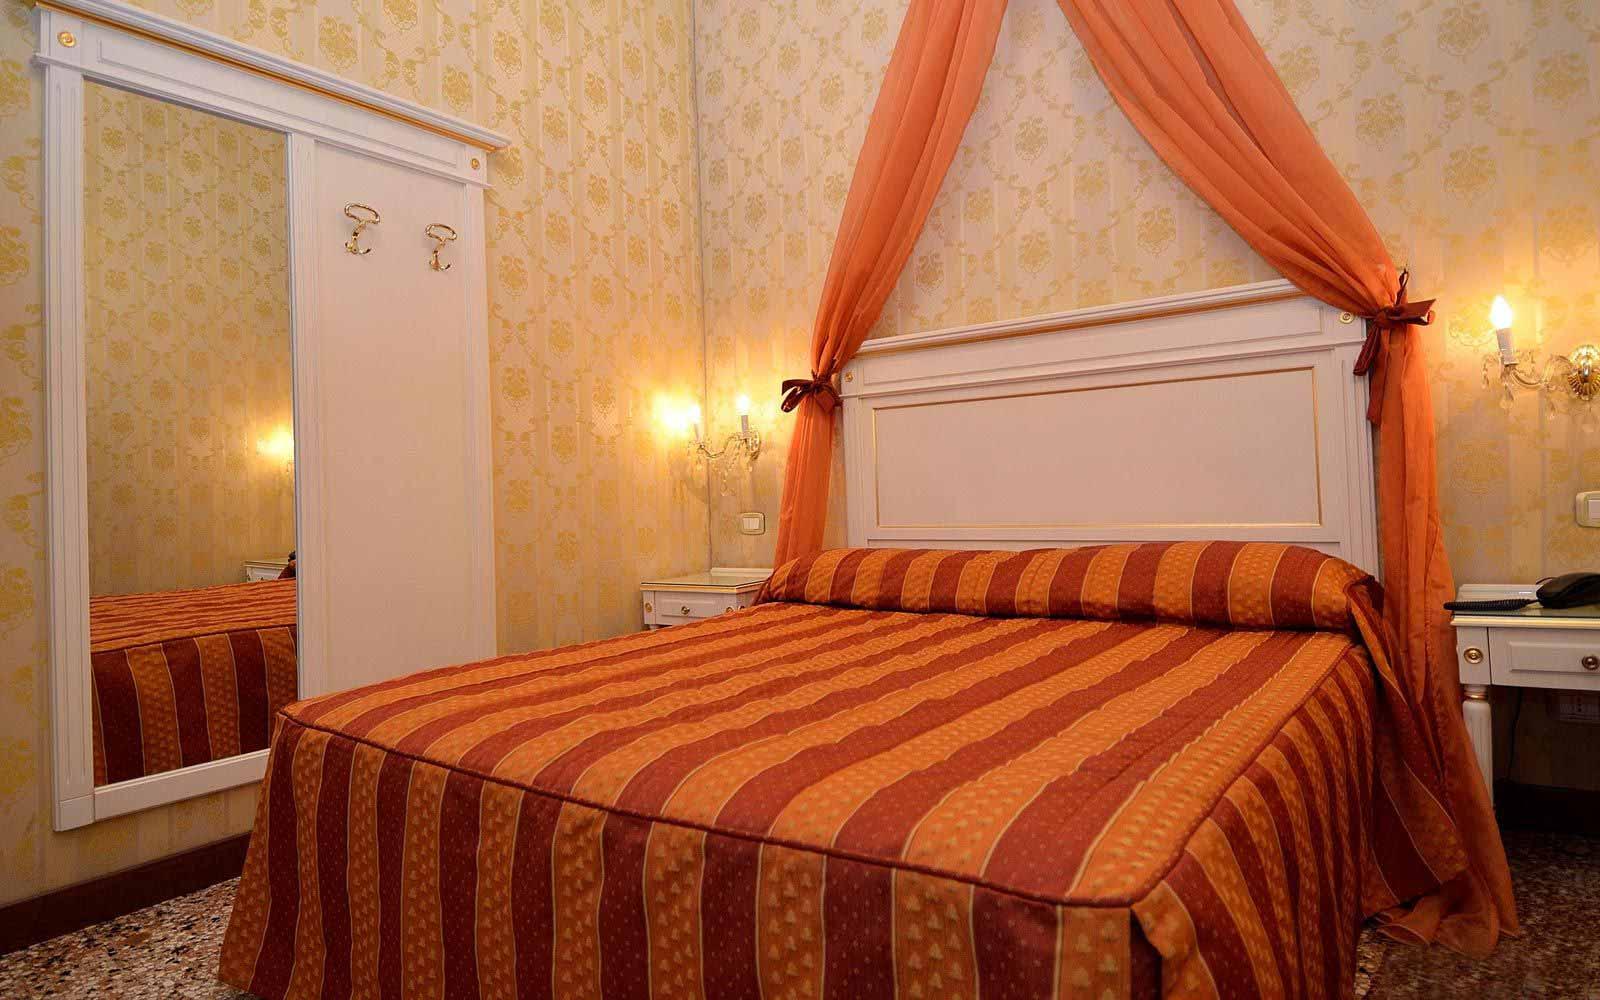 Superior room at Hotel Locanda La Corte